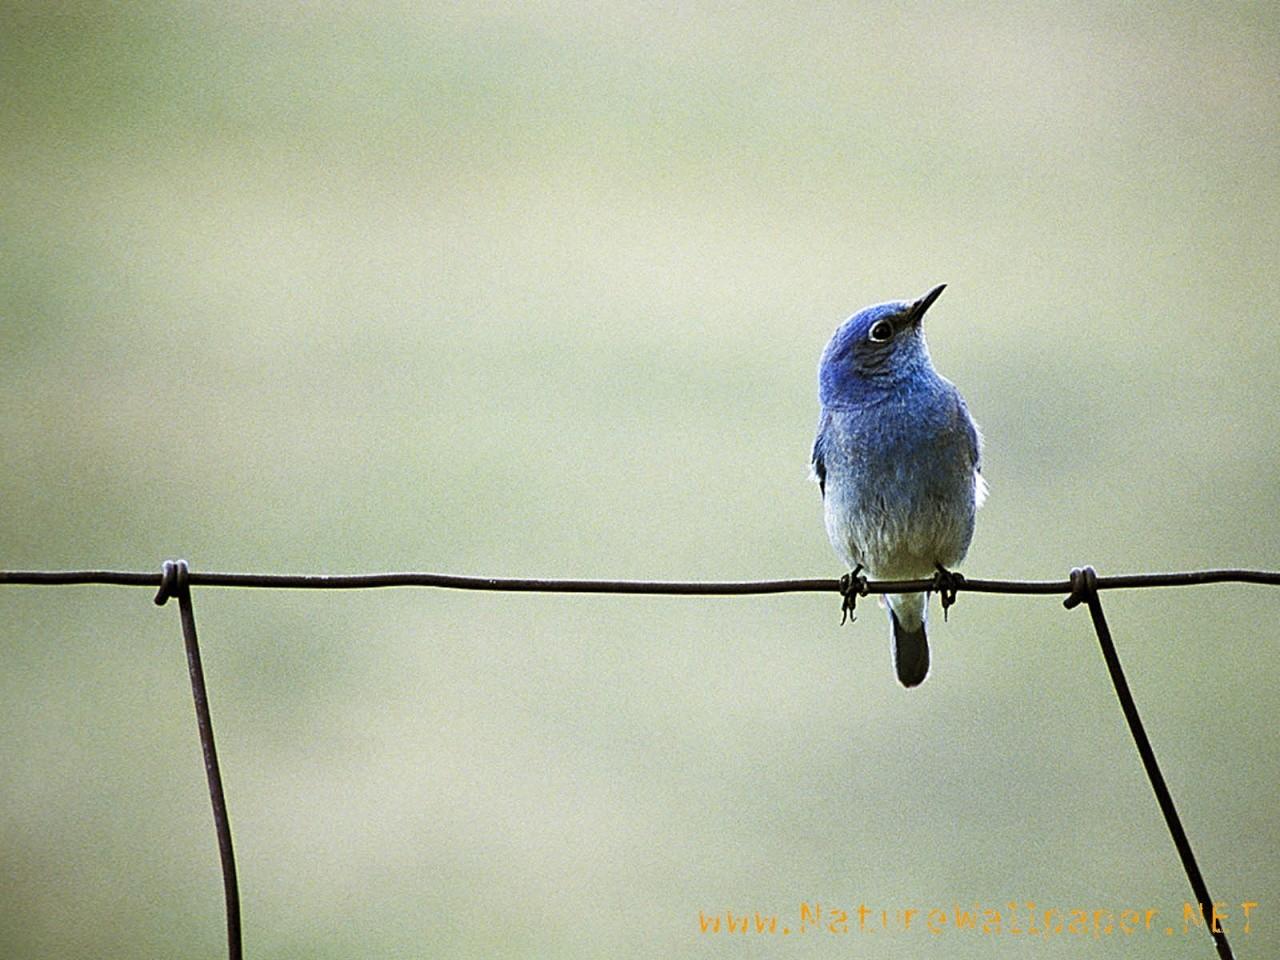 Blue bird animal wallpaper Urban Art Wallpaper 1280x960